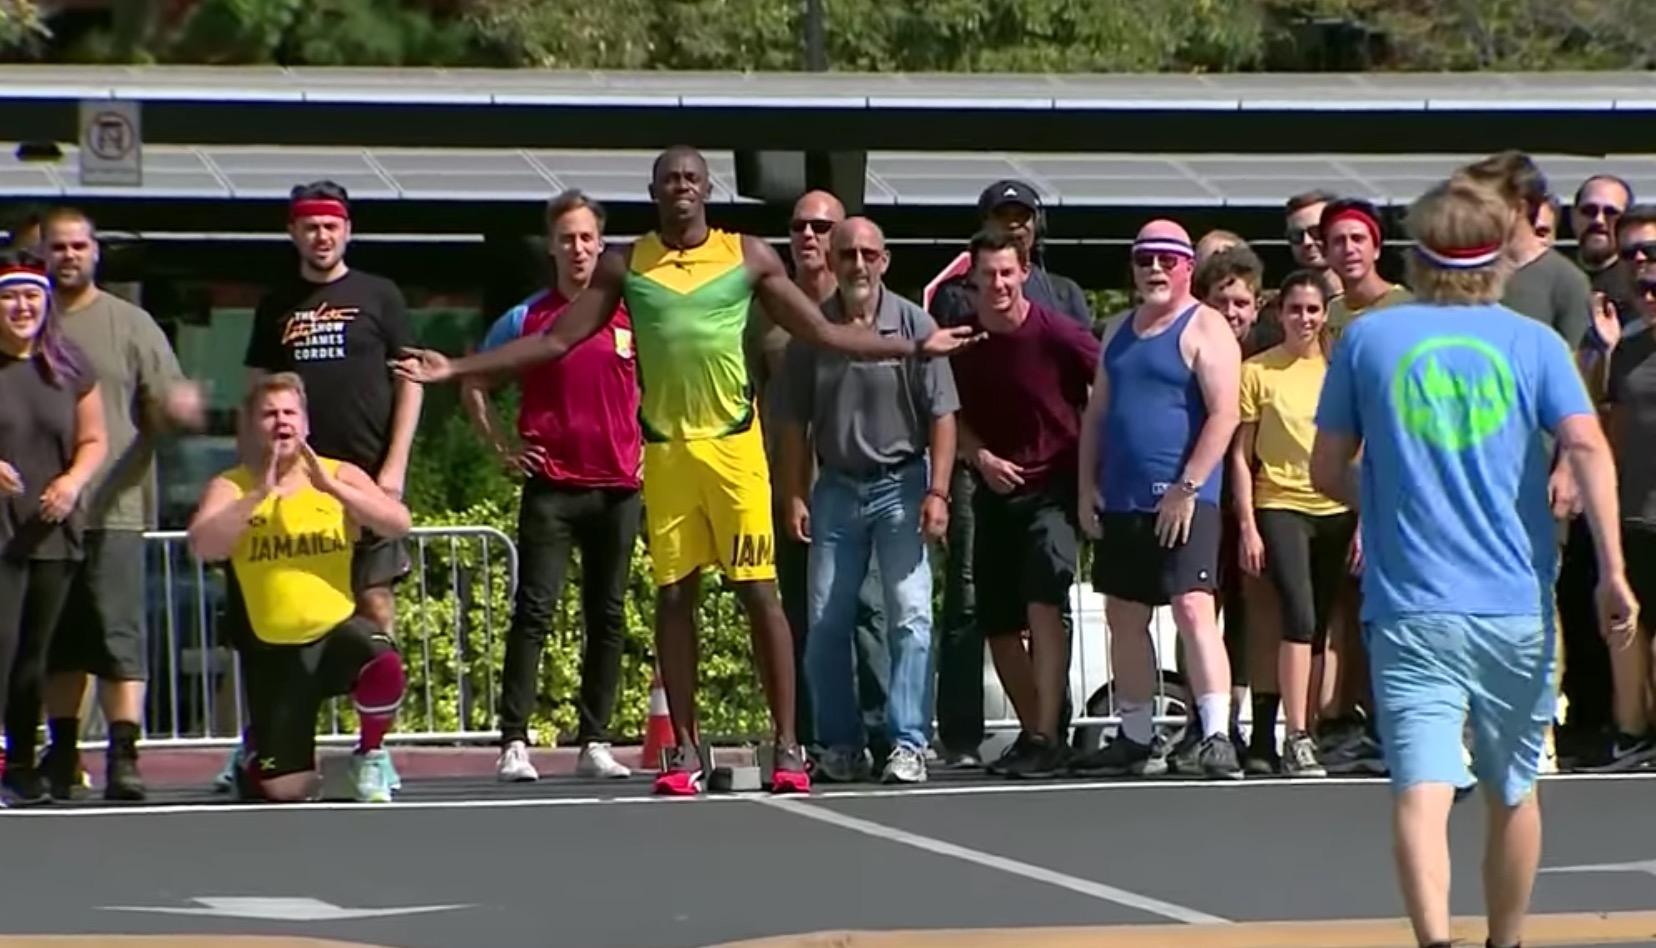 ウサイン・ボルトと一般人が100メートル走!本気の一般人と余裕のボルトの差に、世界最速を実感!!